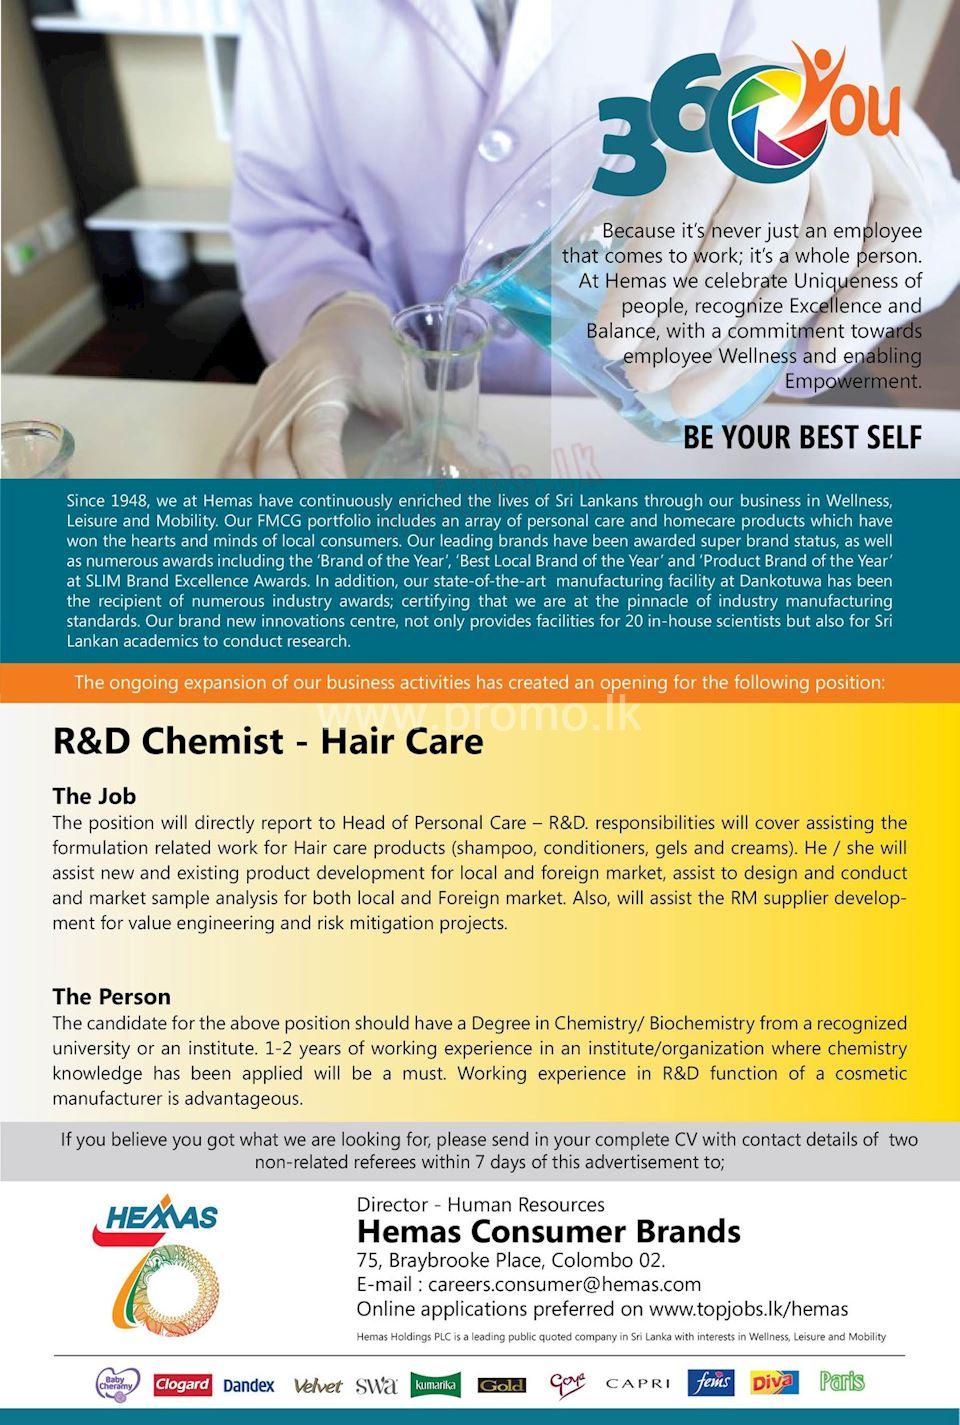 R&D Chemist - Hair Care